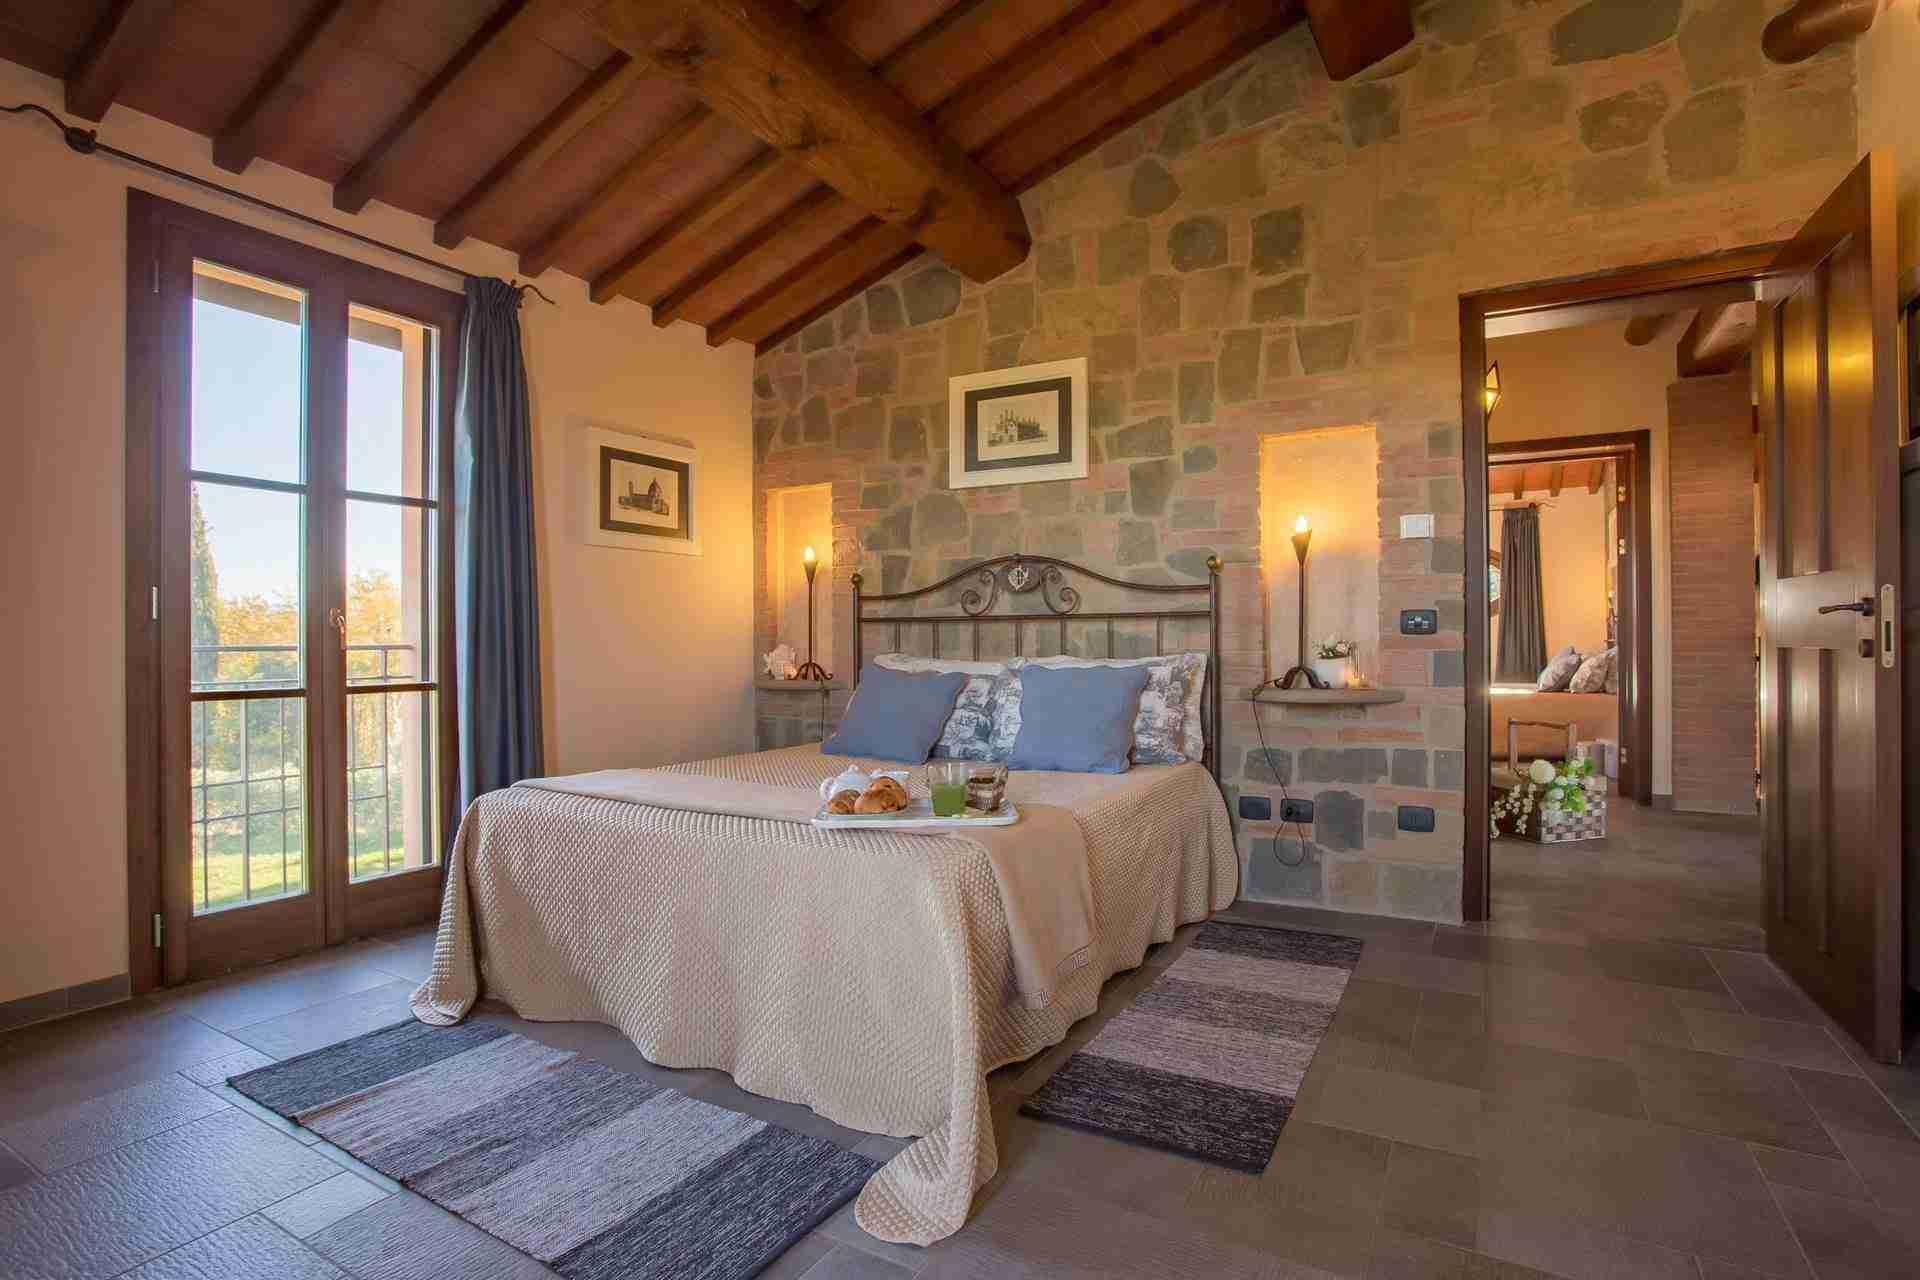 16 Dante Bedroom